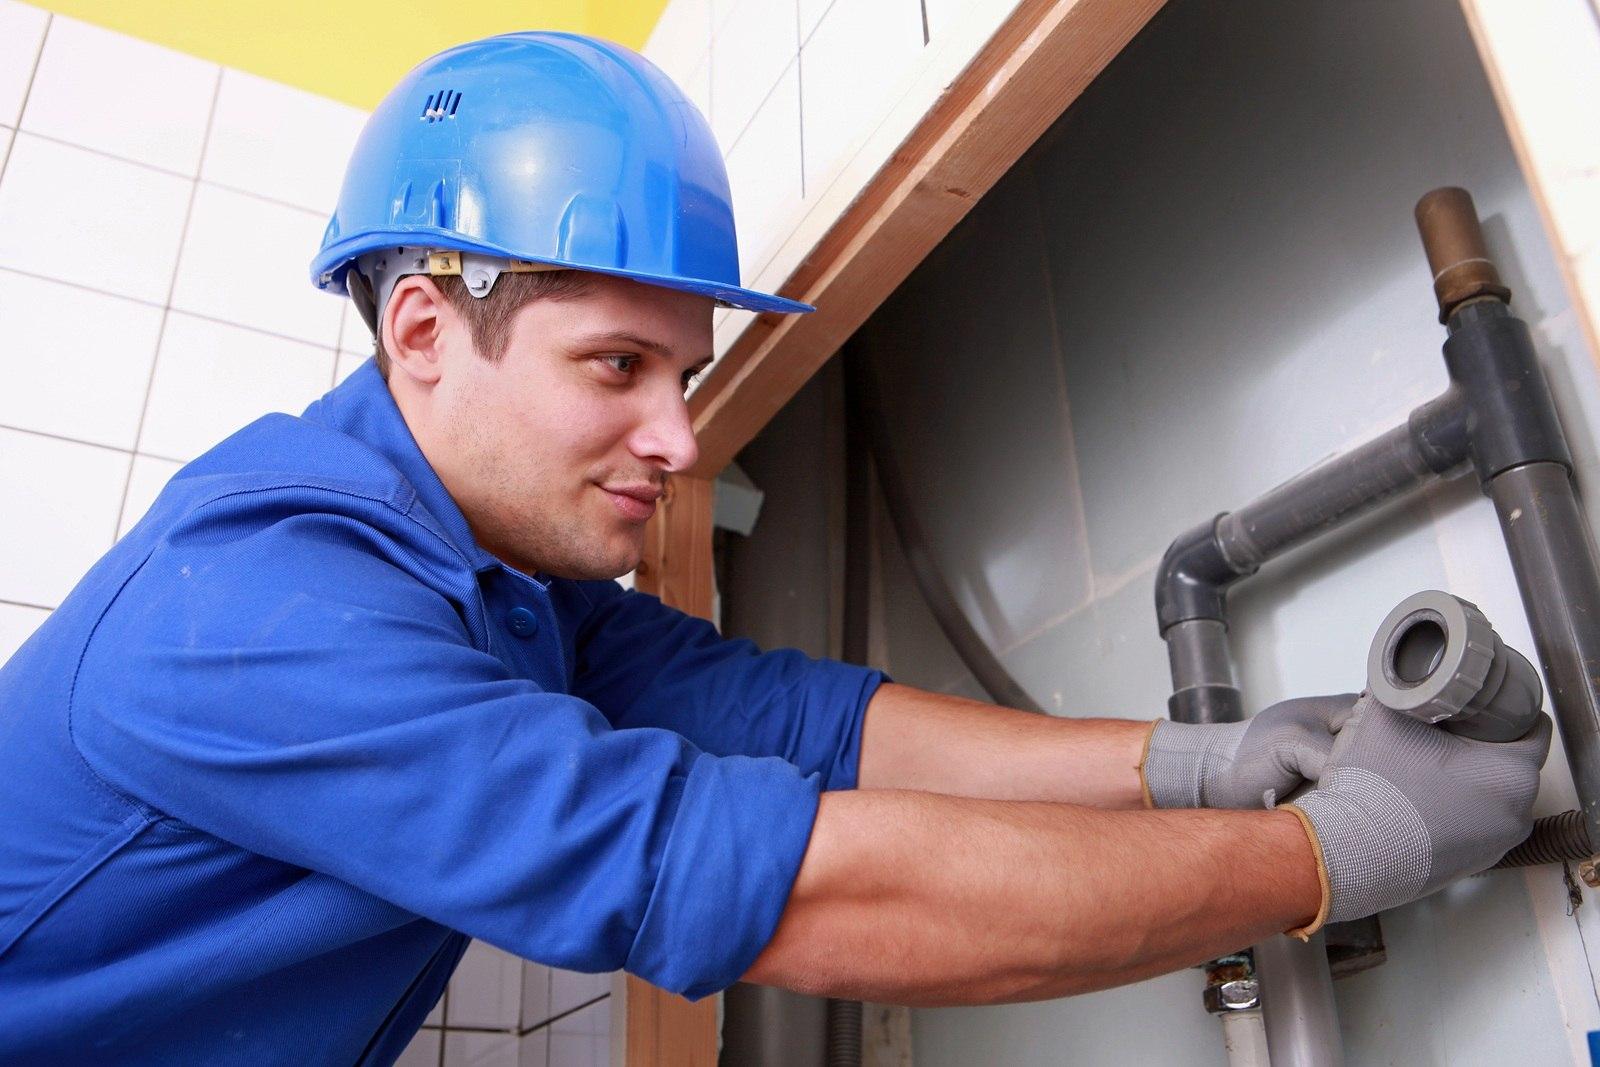 Plumbing - Drain pipes